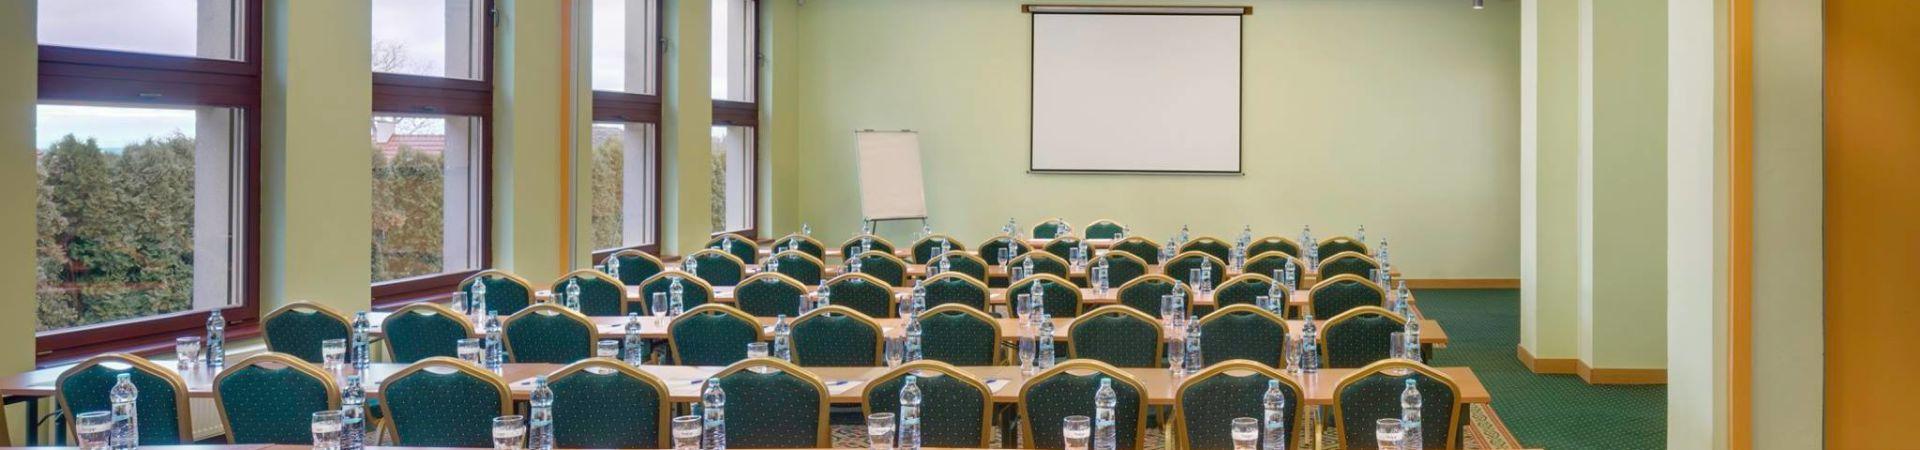 Zámek Loučeň - Kongresový sál Hotelu Maxmilian